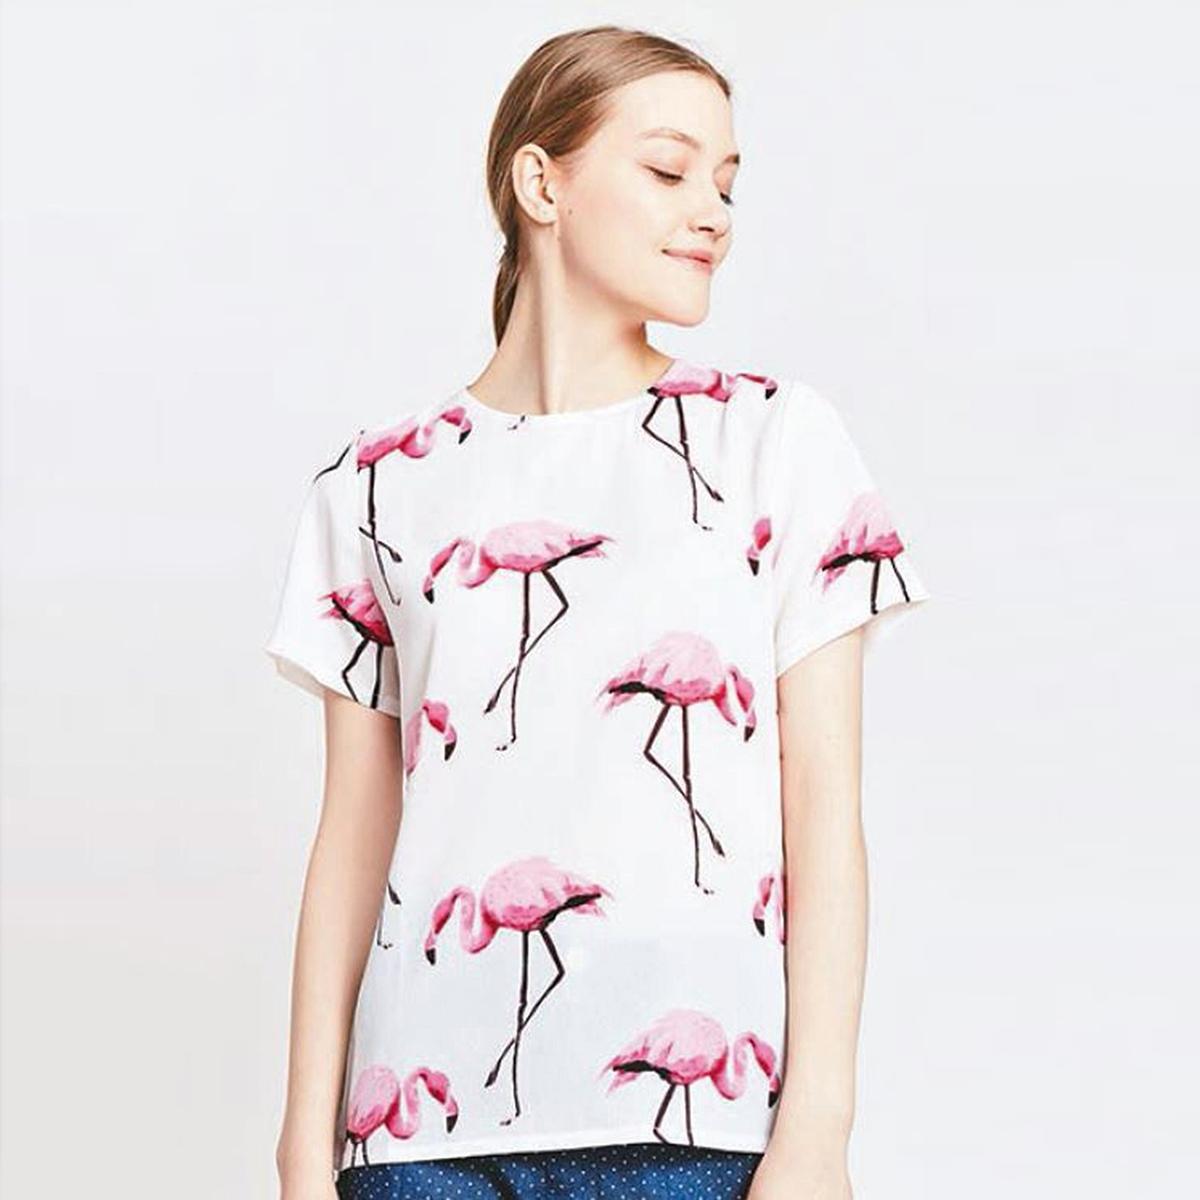 Блузка с рисунком розовый фламингоМатериал : 100% полиэстер   Длина рукава : короткие рукава Форма воротника : круглый вырез Длина блузки: стандартная  Рисунок : анималистический<br><br>Цвет: рисунок/белый<br>Размер: S